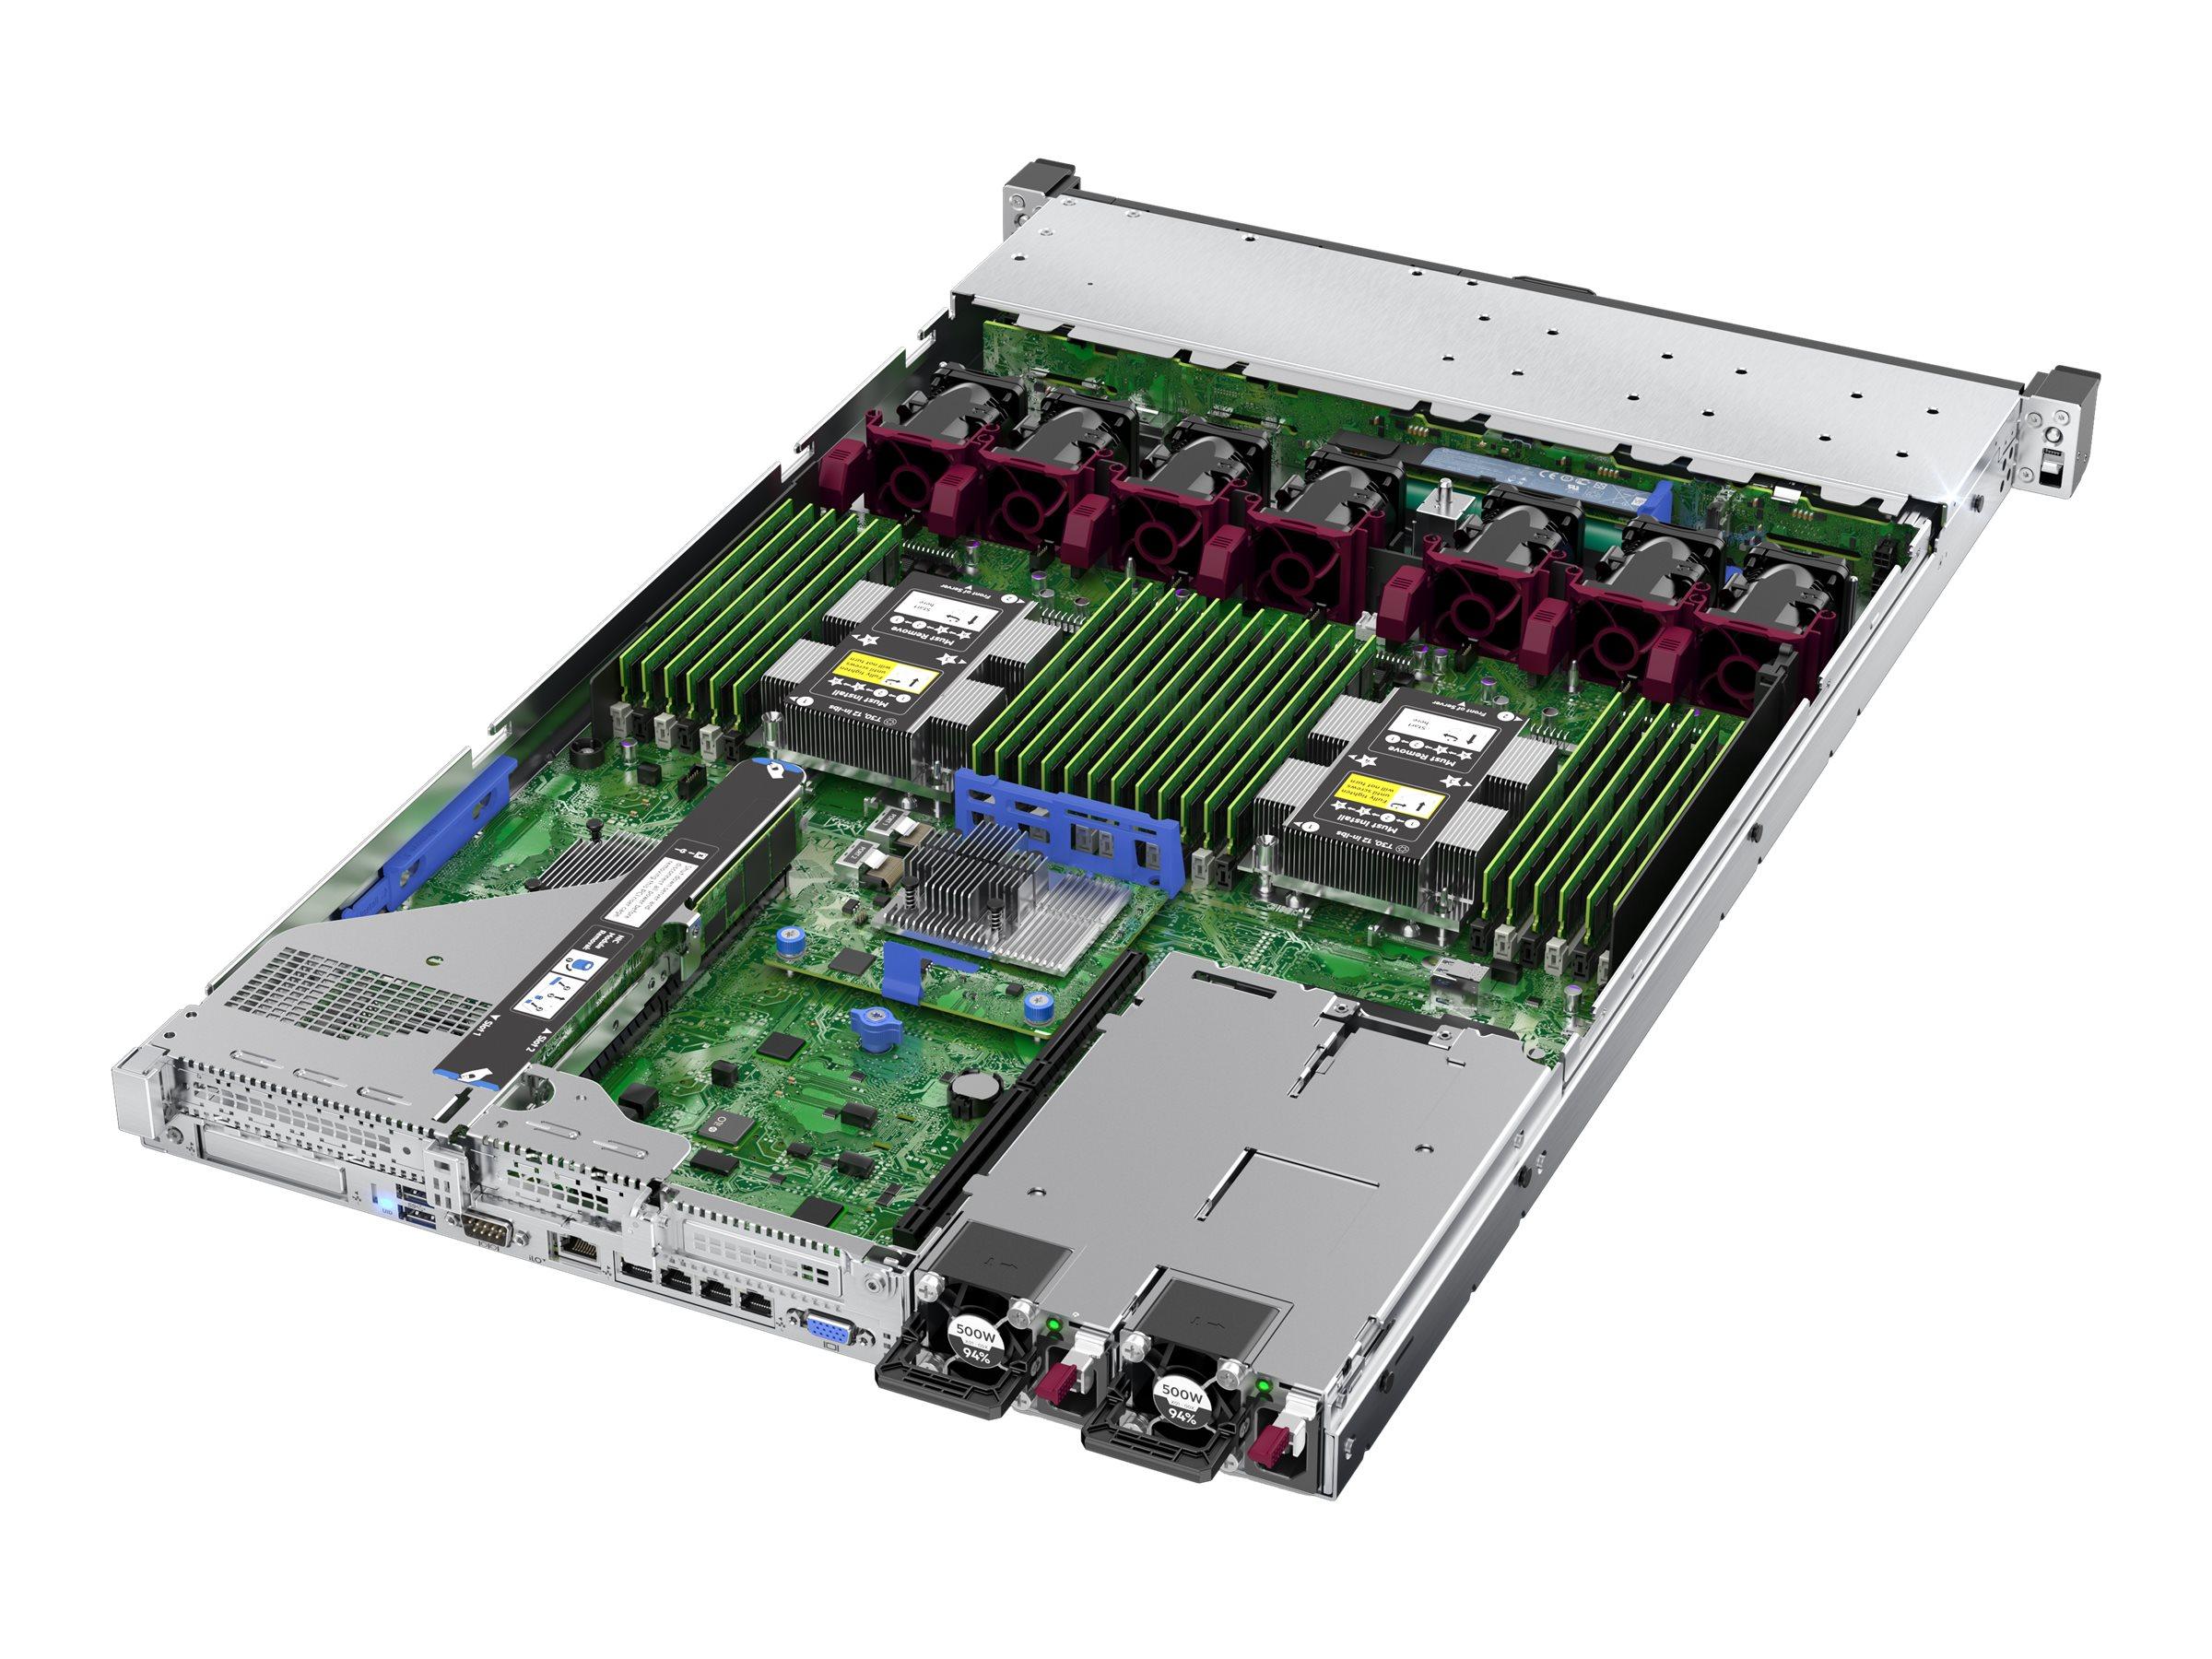 Faschingskostüme Billig Inspirierend Buy Hpe Proliant Dl360 Gen10 1u Rm Xeon 8c Silver 4208 21gh